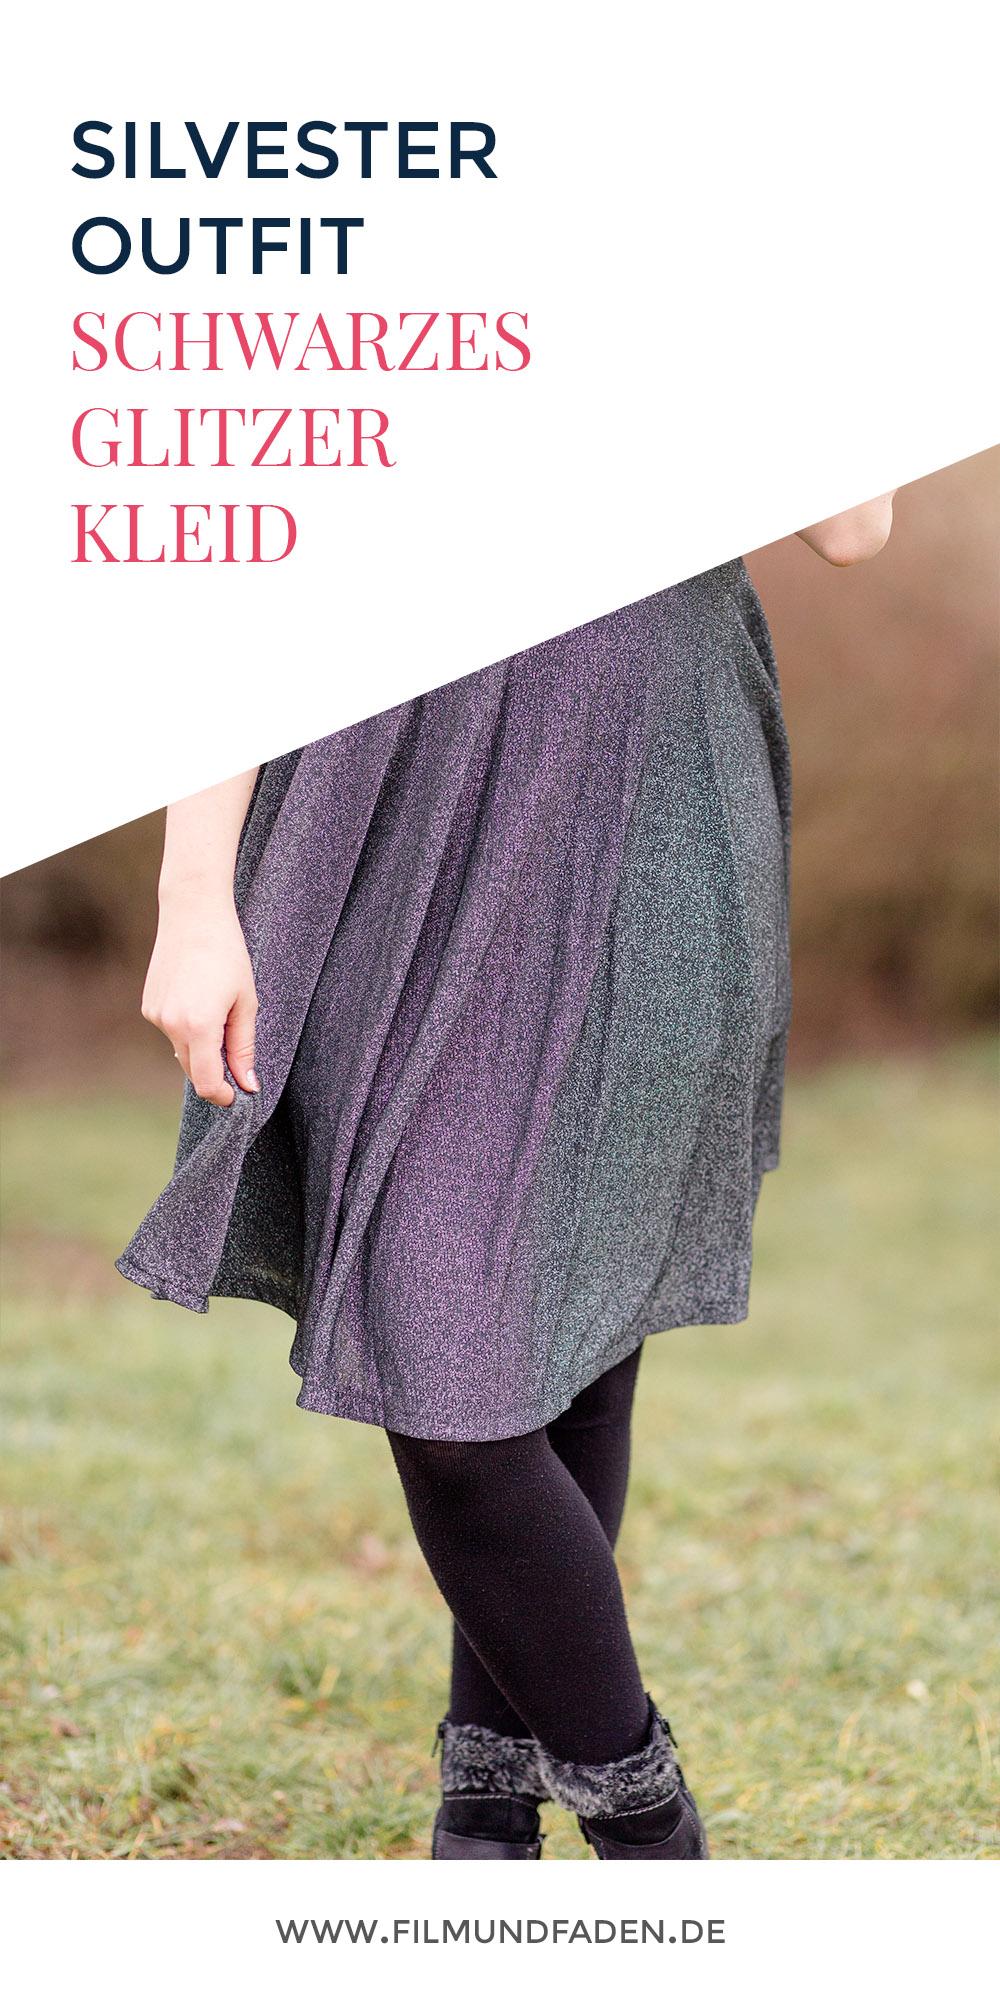 Die Silvester Outfit Kombination: Schwarz + Kleid + Glitzer!